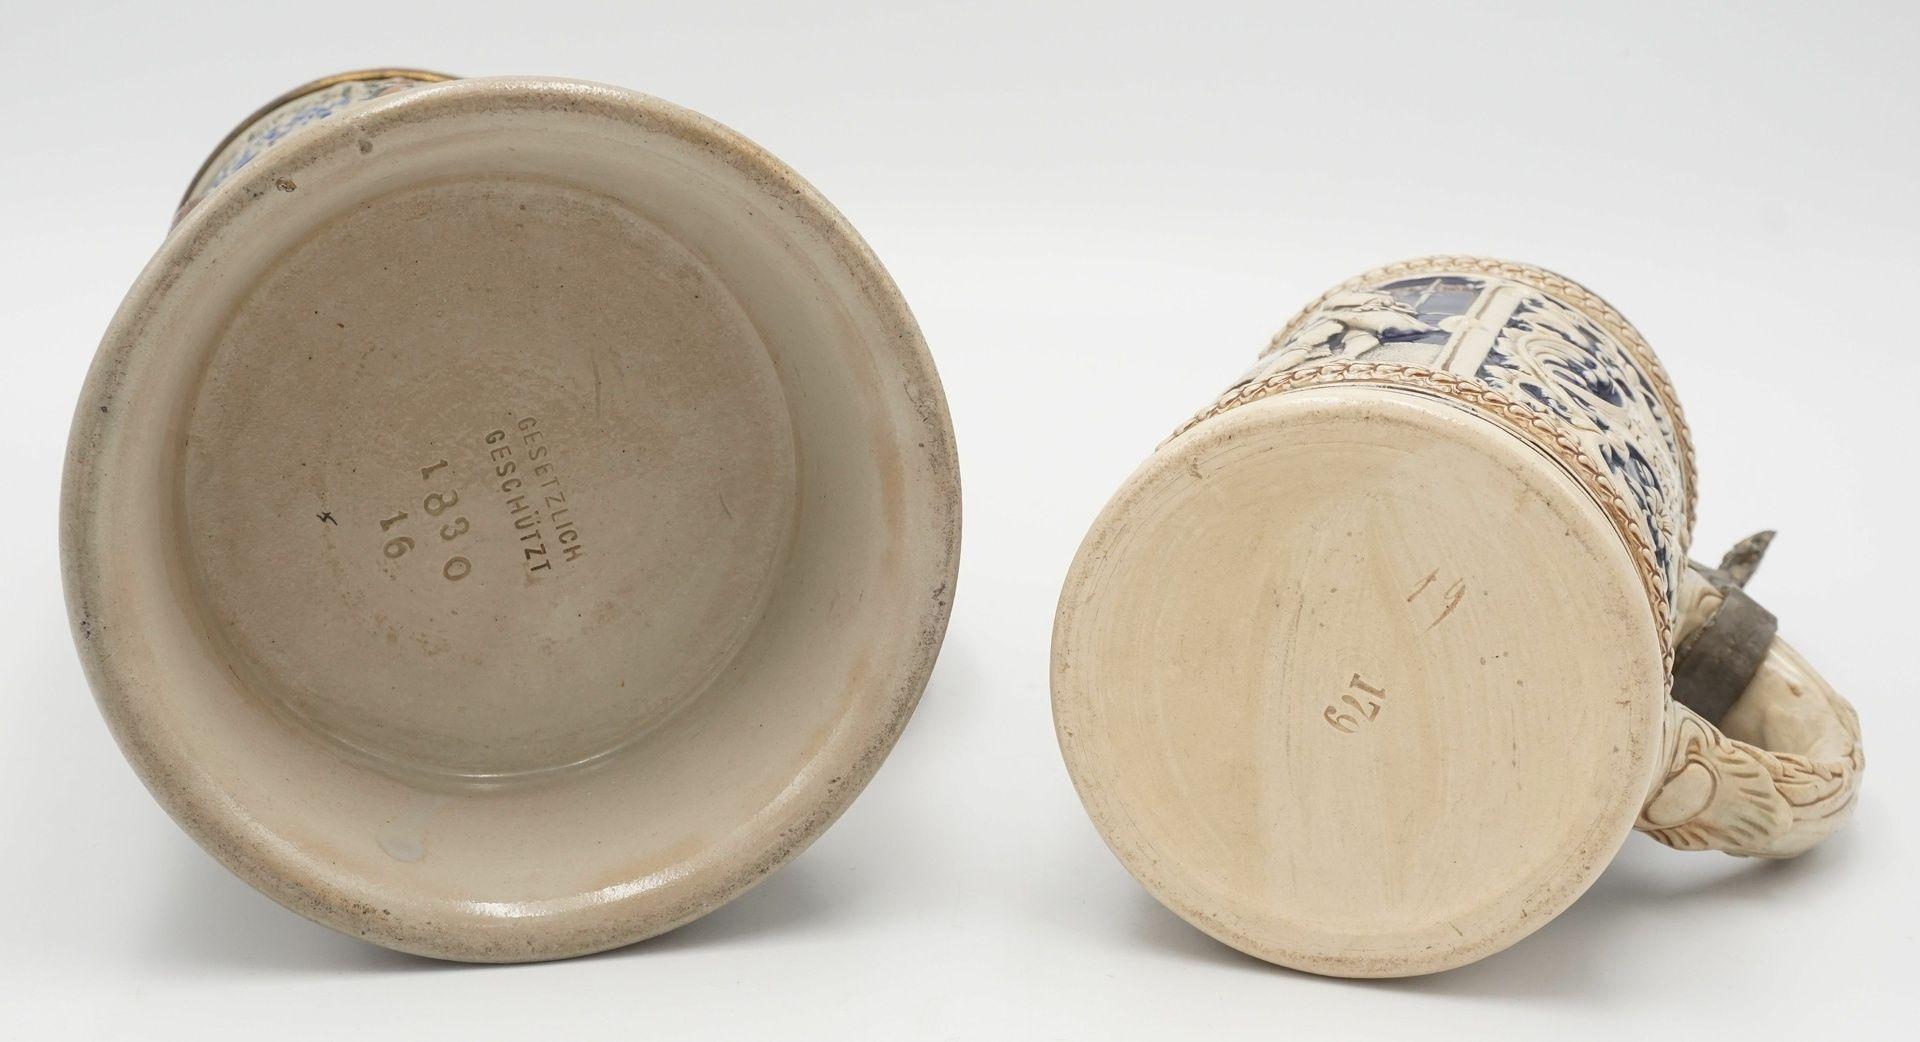 Zwei Bierkrüge, um 1900 - Bild 4 aus 4